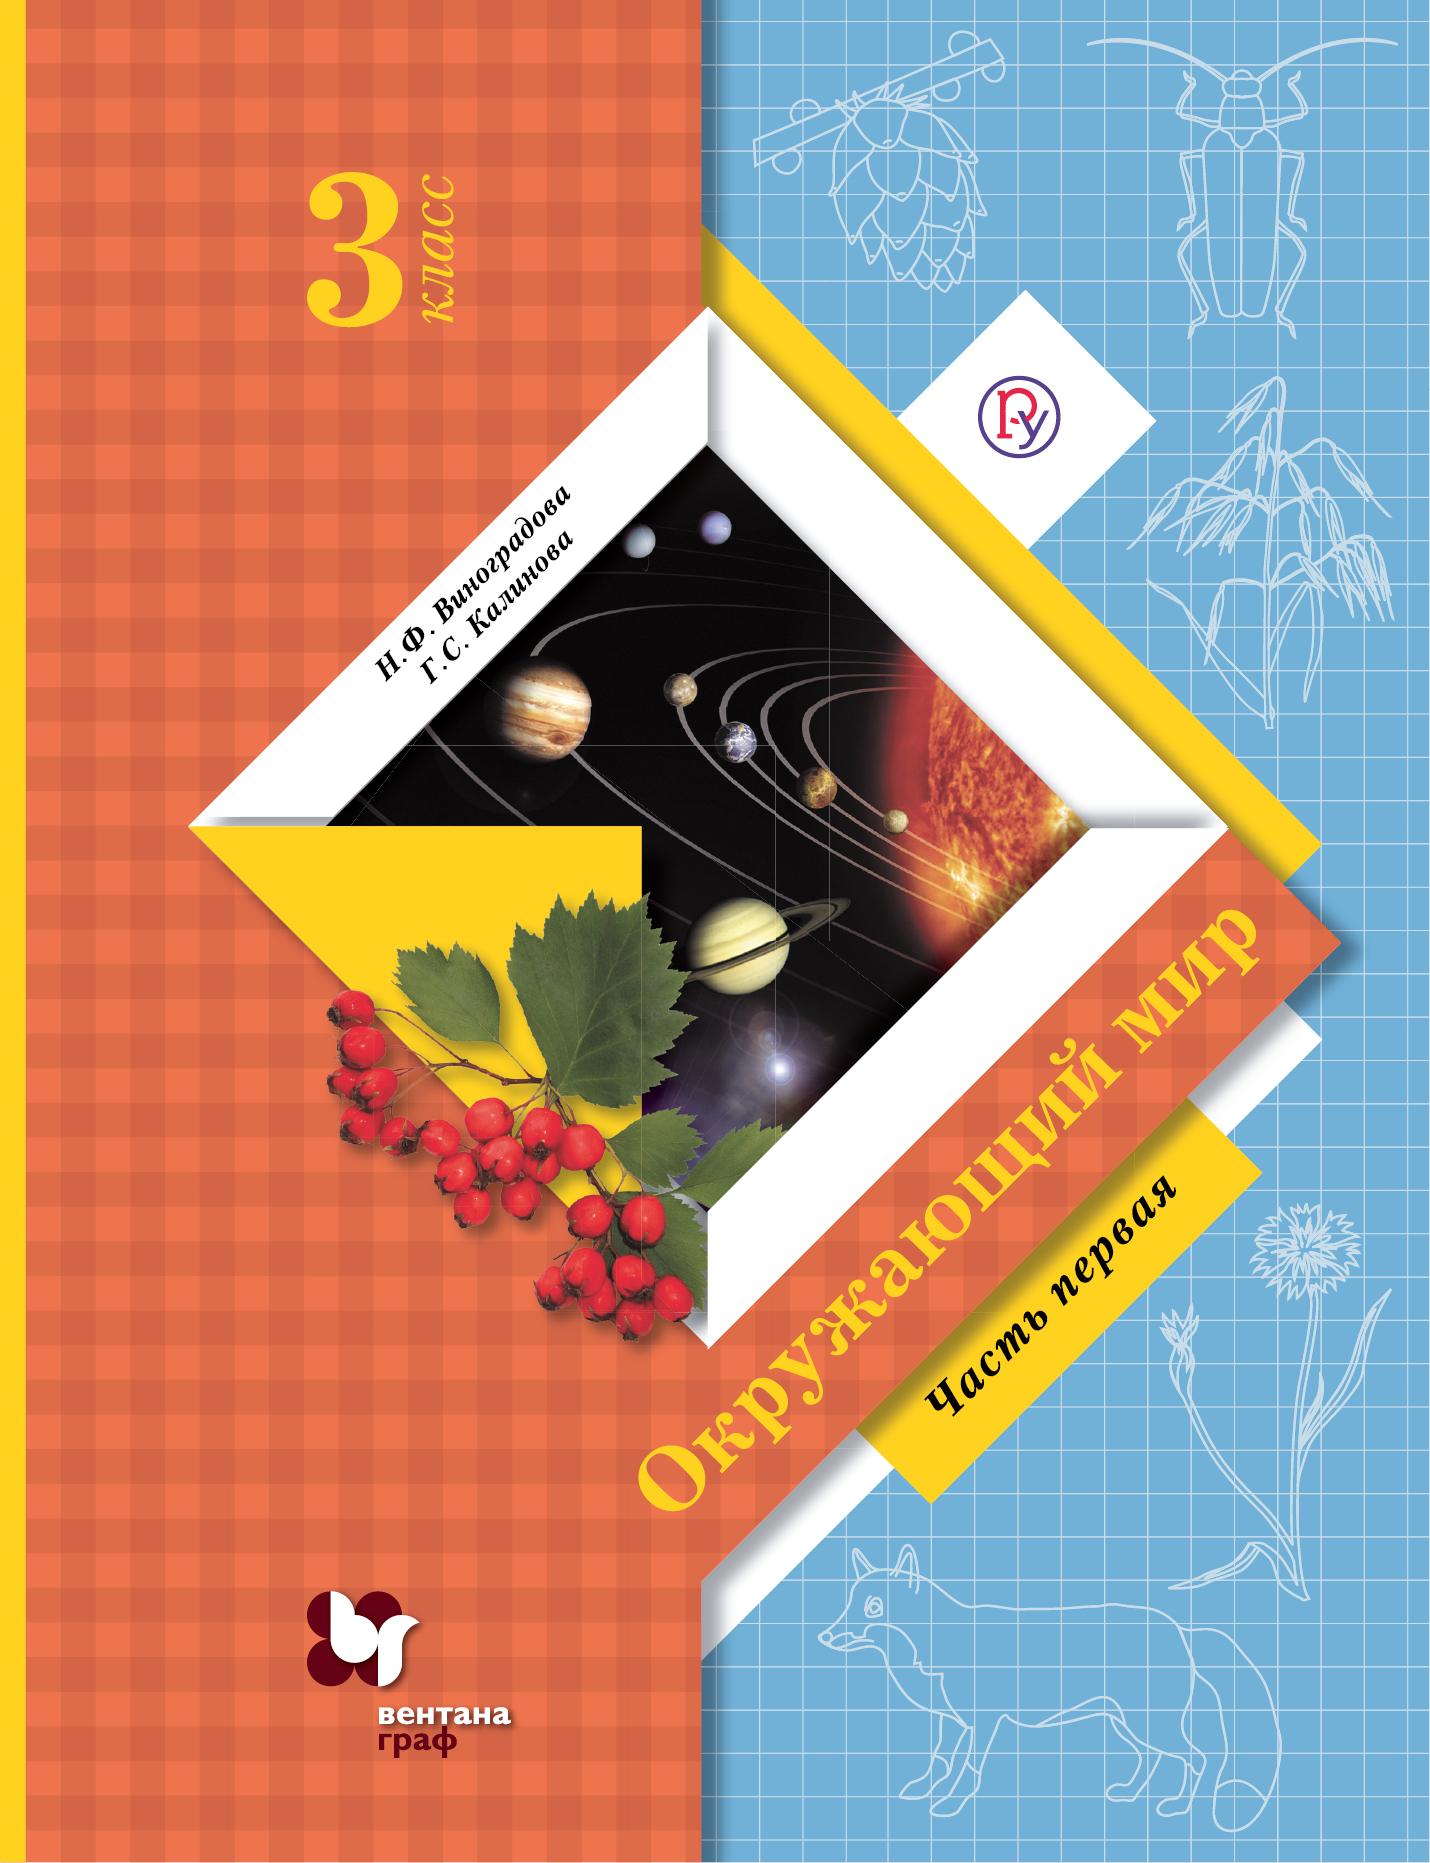 Н. Ф. Виноградова Окружающий мир. 3 класс. Часть первая фату хива возврат к природе